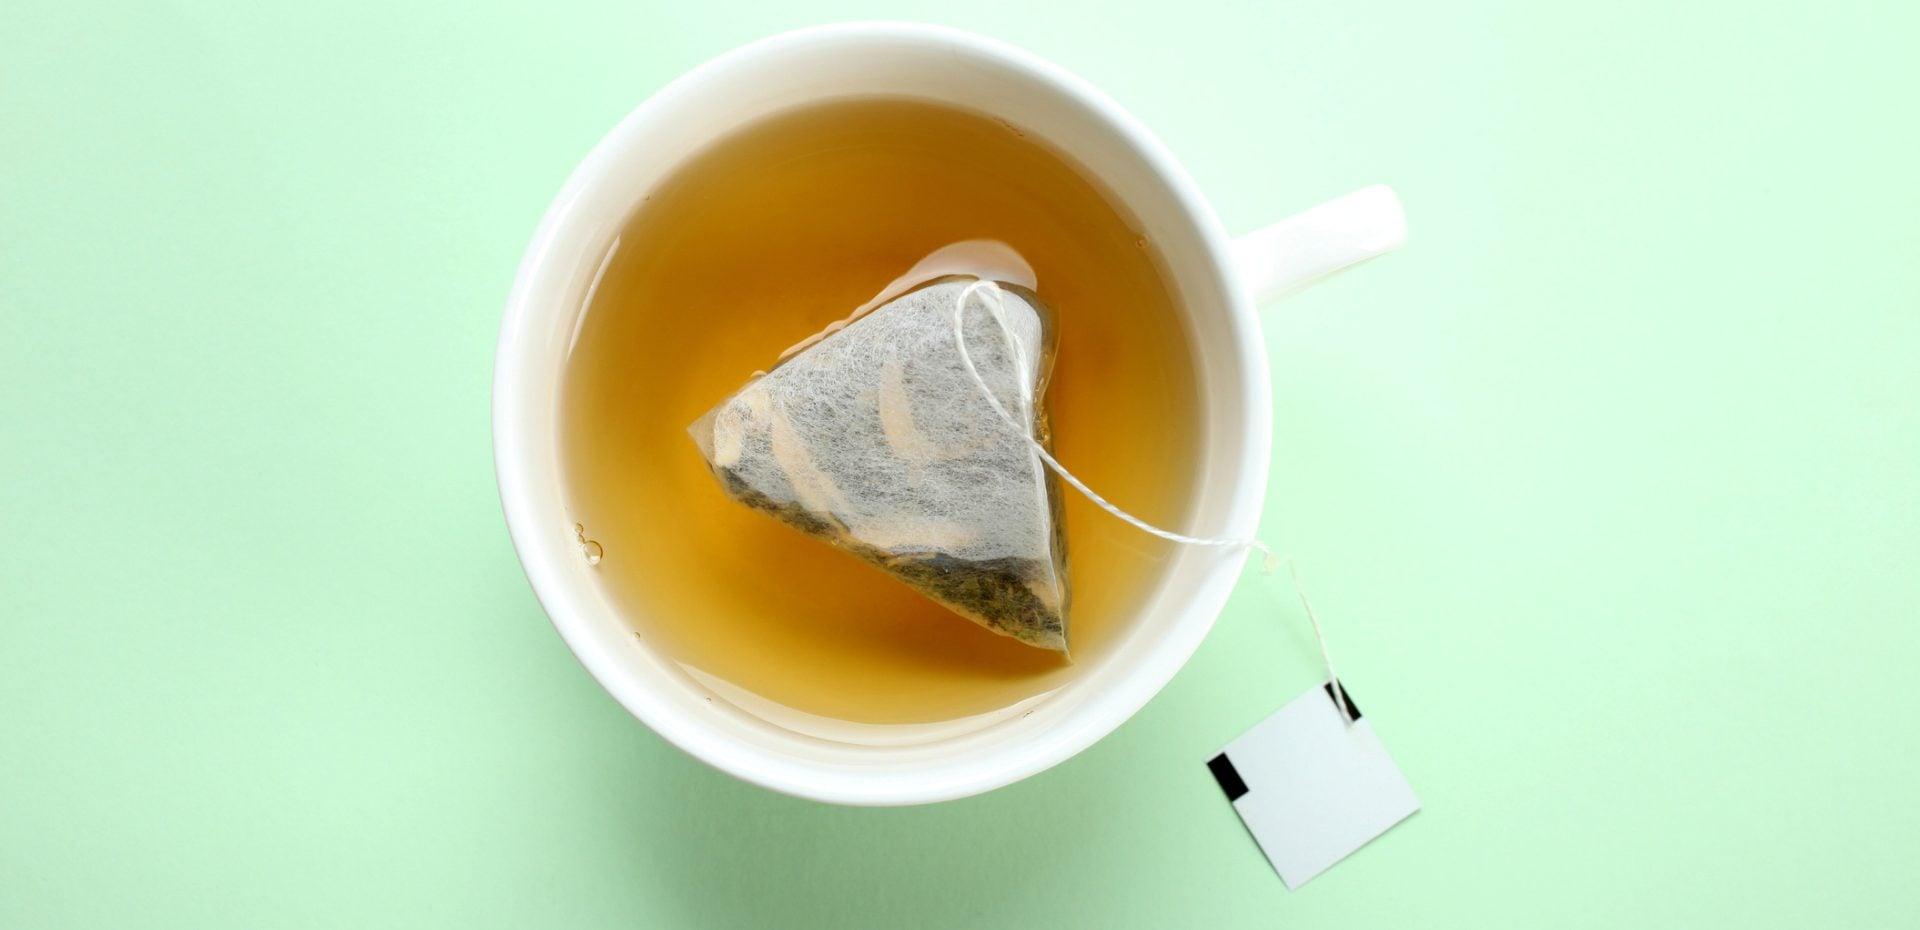 میکروپلاستیک چای کیسهای